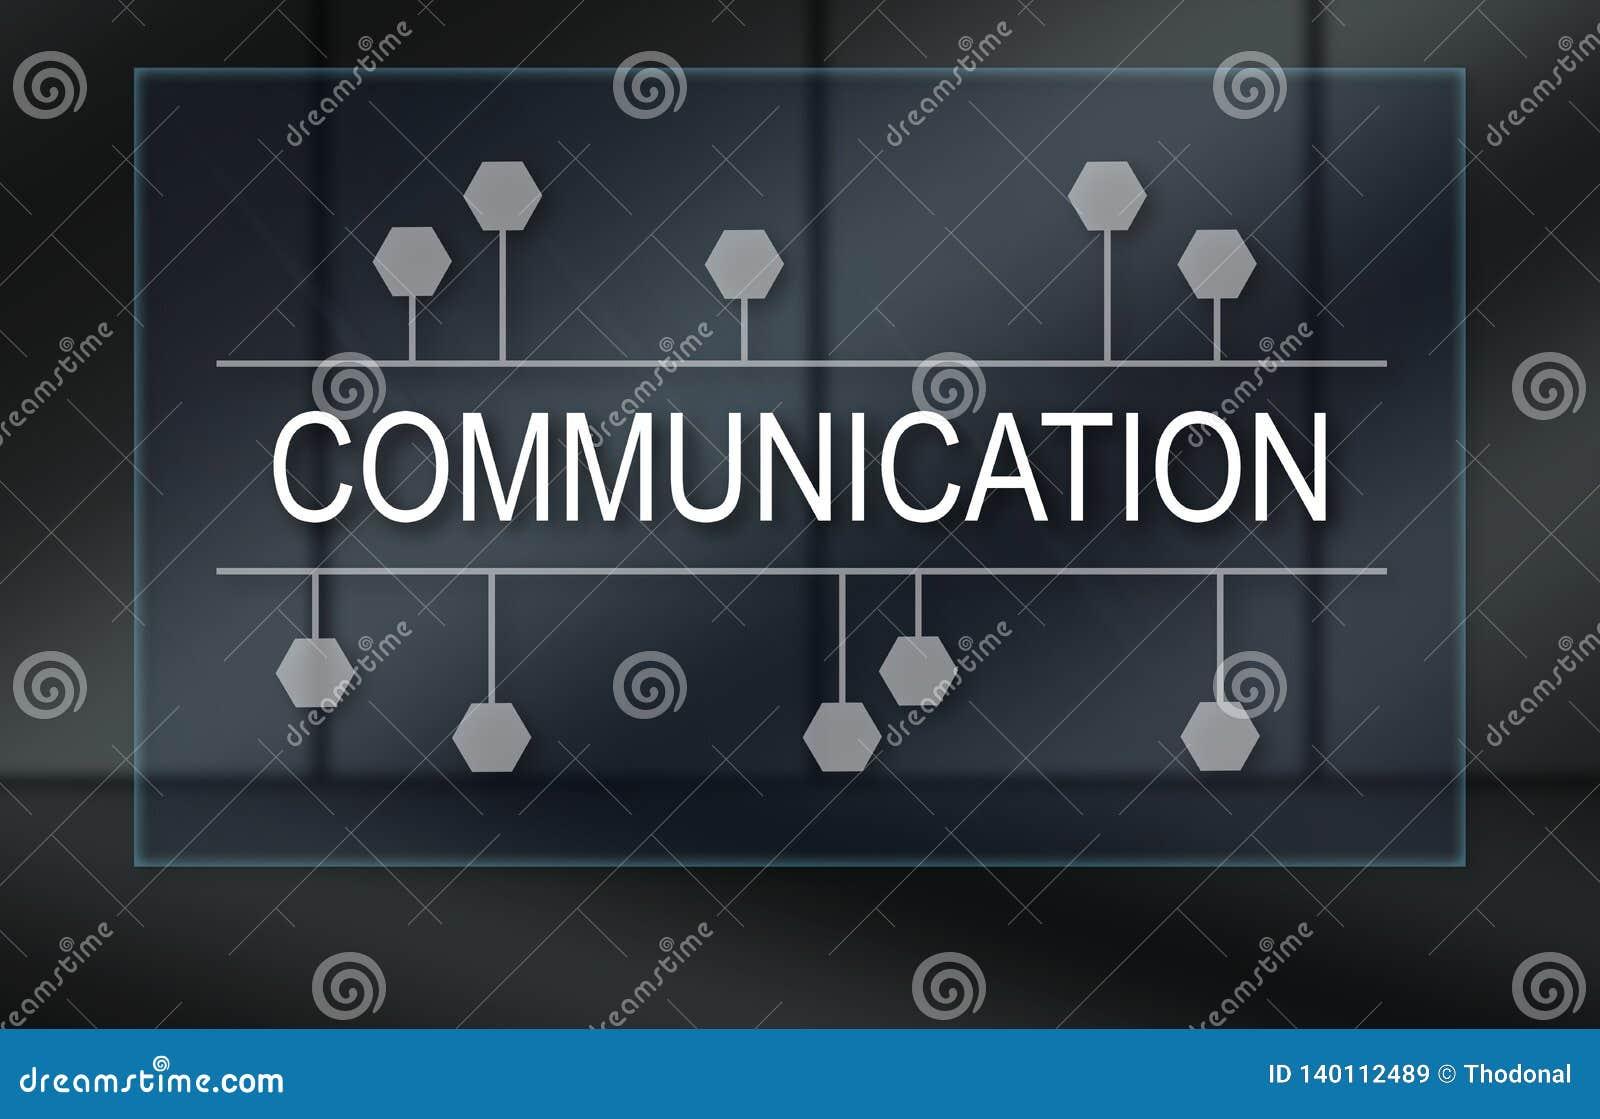 Concept mededeling